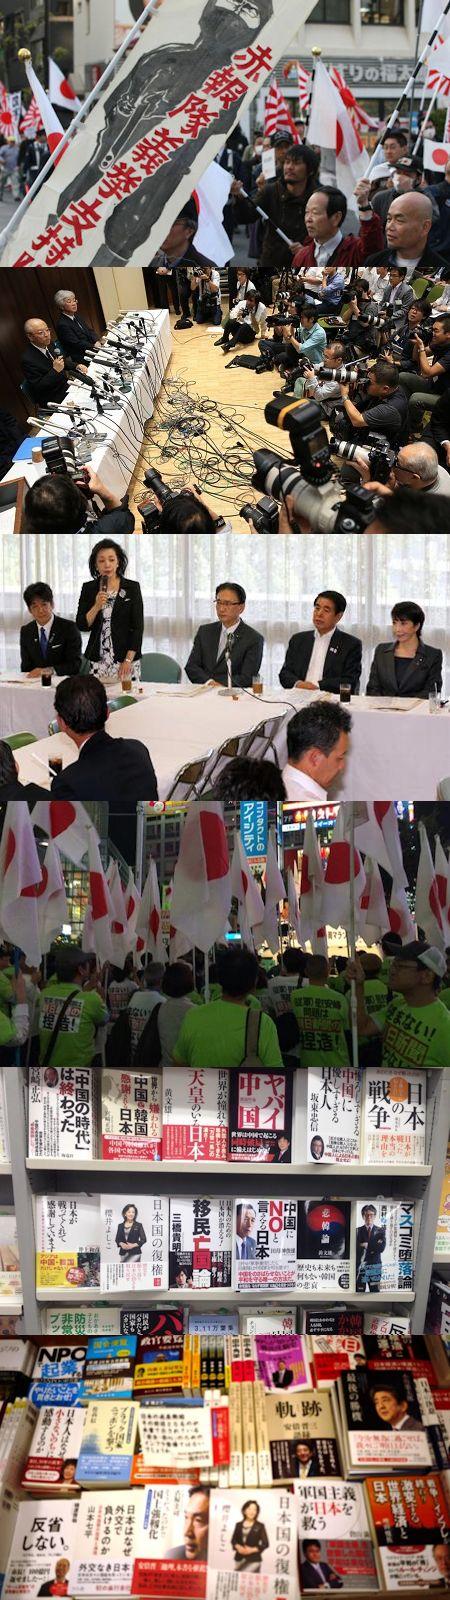 日本の右傾化を否定する朝日の反動キャンペーンと小熊英二の加担_c0315619_1712308.jpg